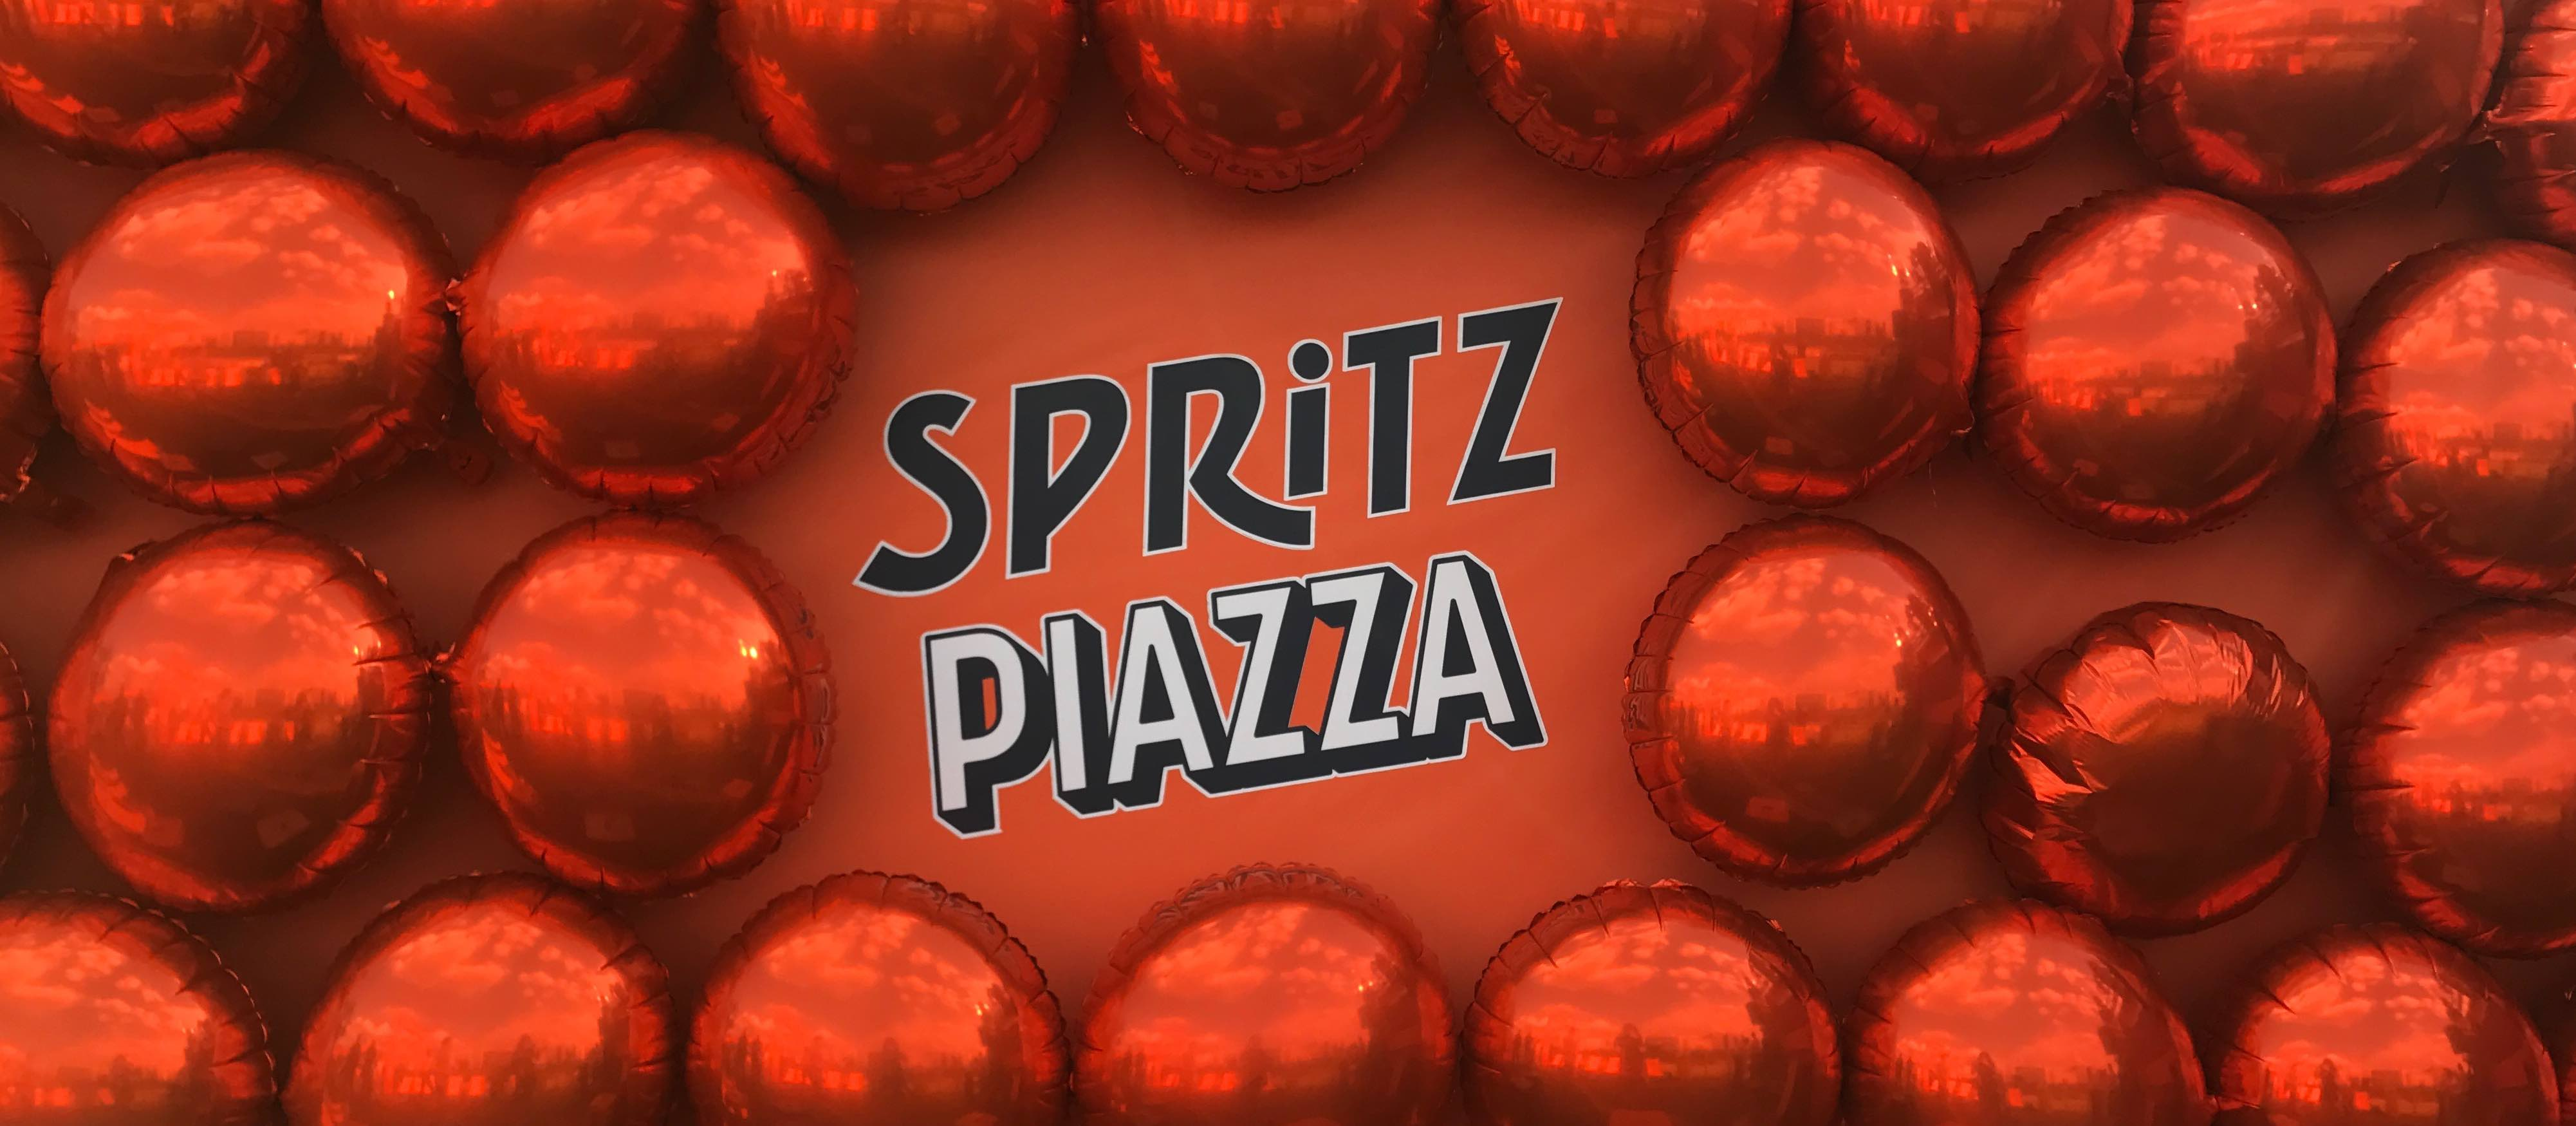 spritz-piazza-Paris-la-revue-y-2